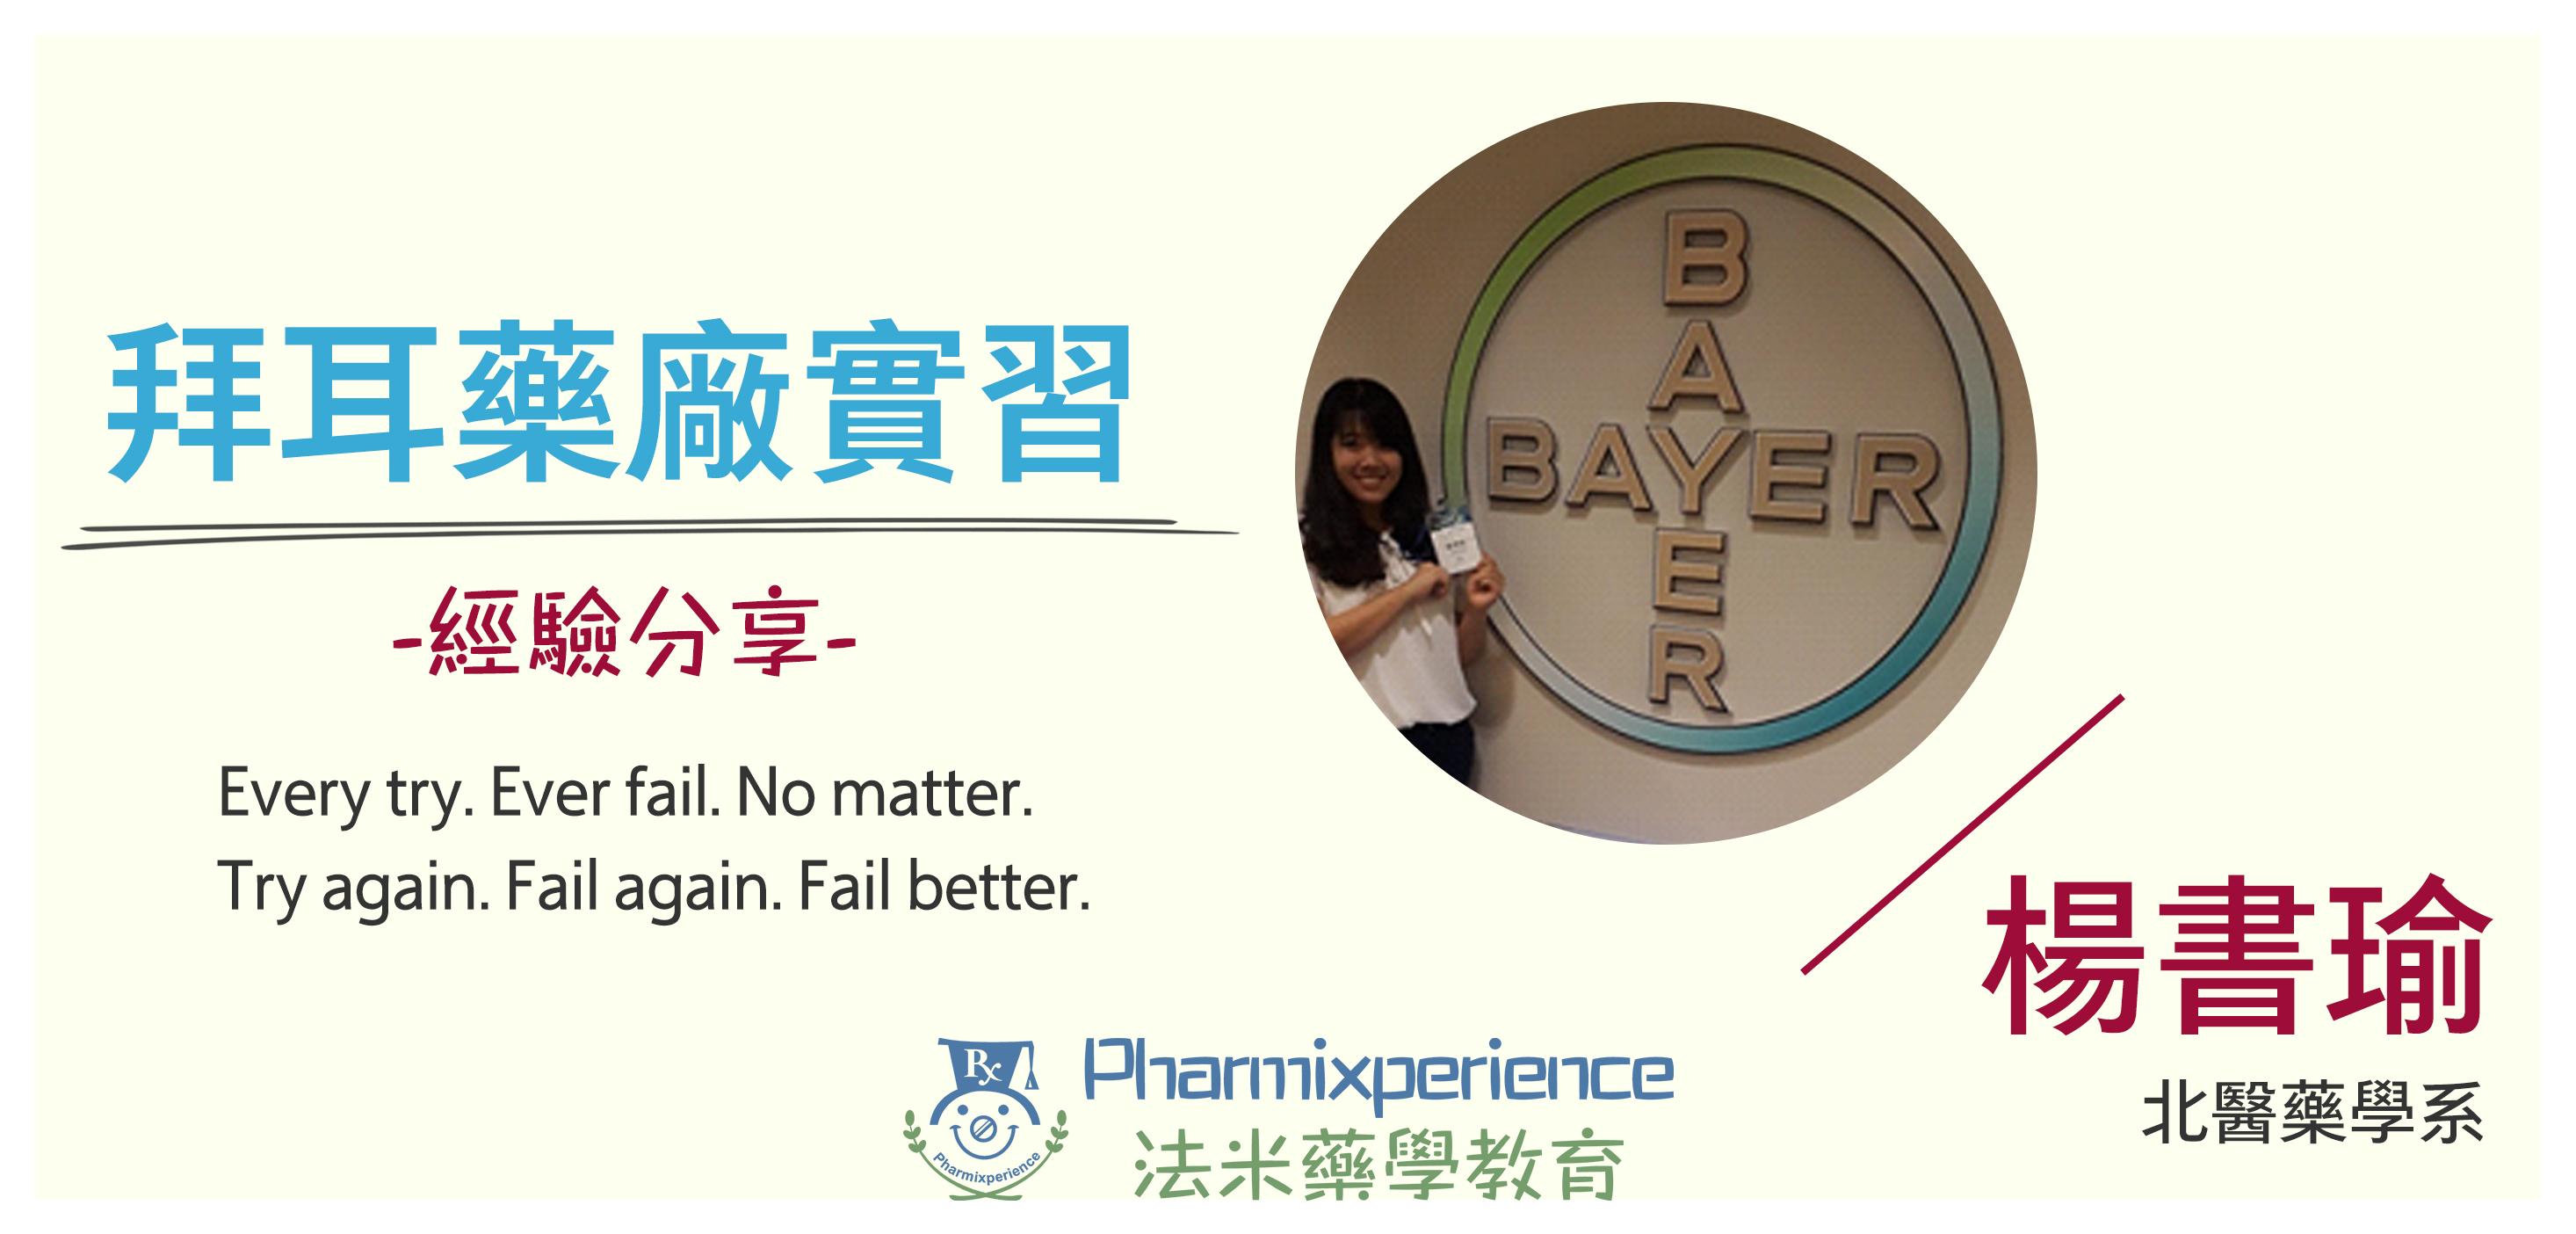 拜耳藥廠實習-楊書瑜-經驗分享-法米藥學教育